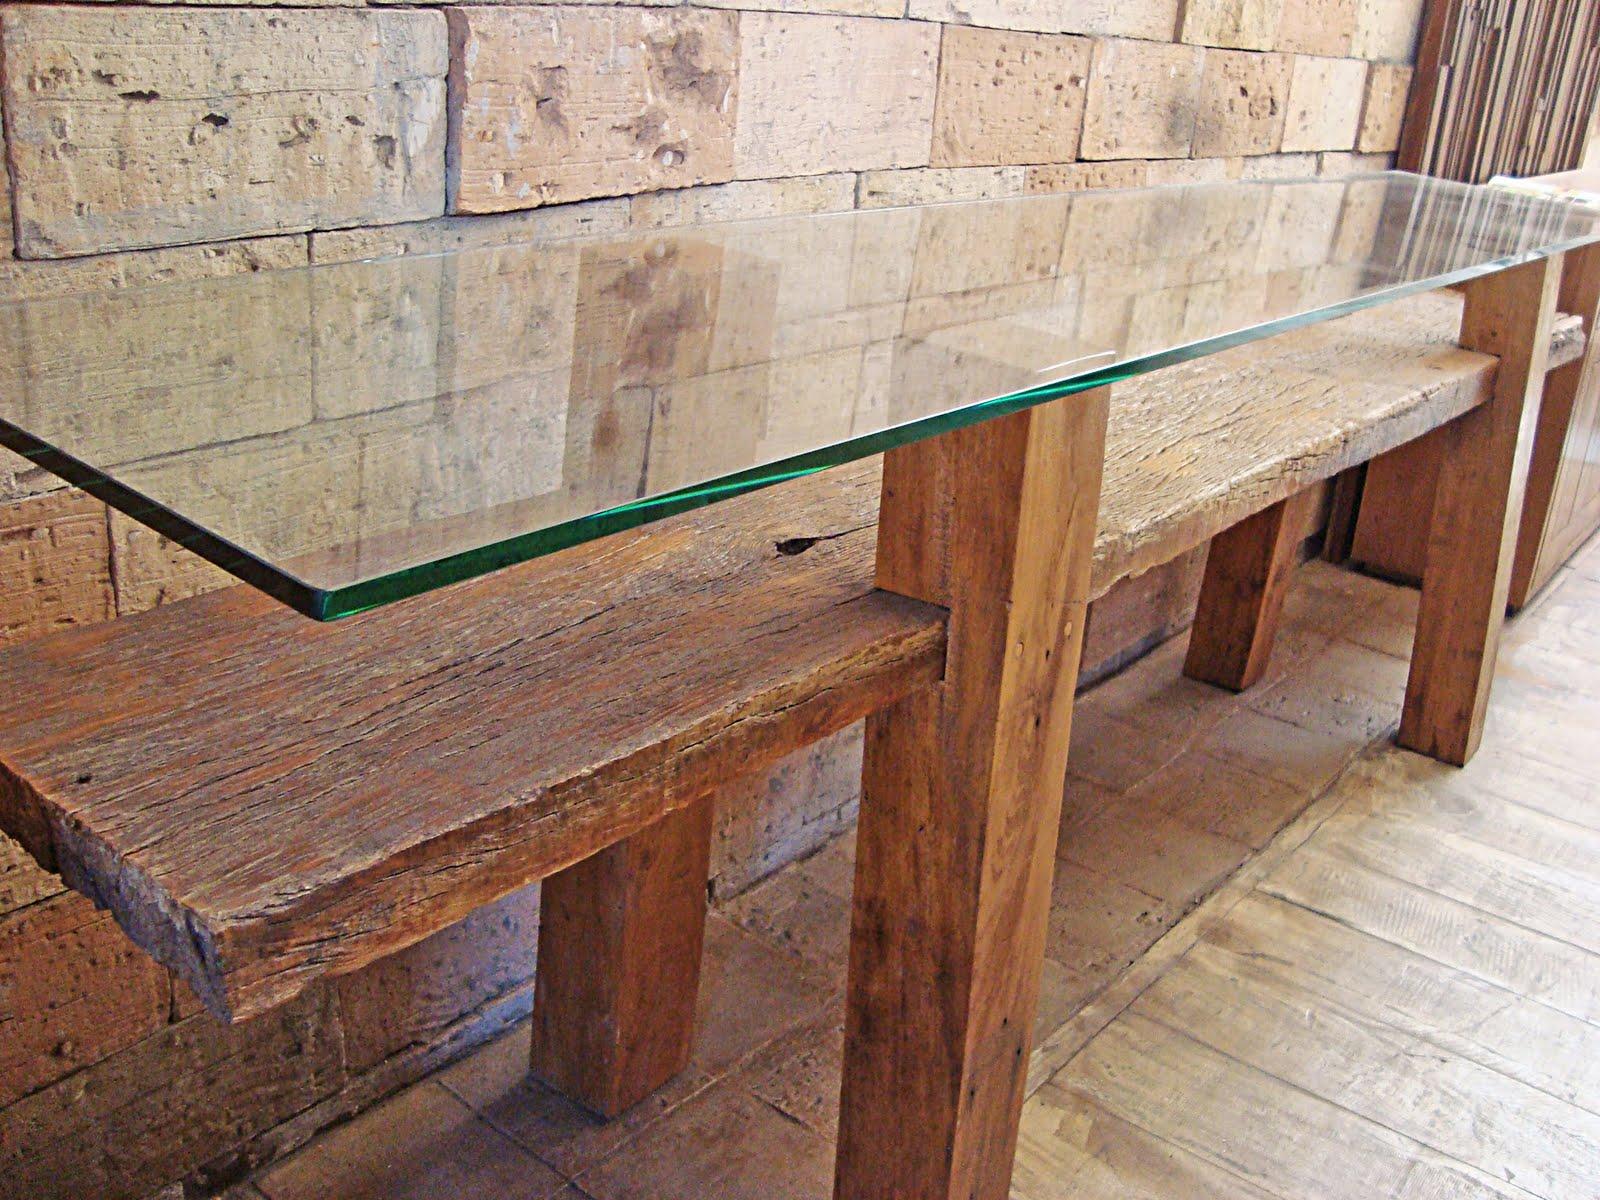 madeira/madeira de demolição/aluguel móveis rústicos: Aparadores #28826E 1600x1200